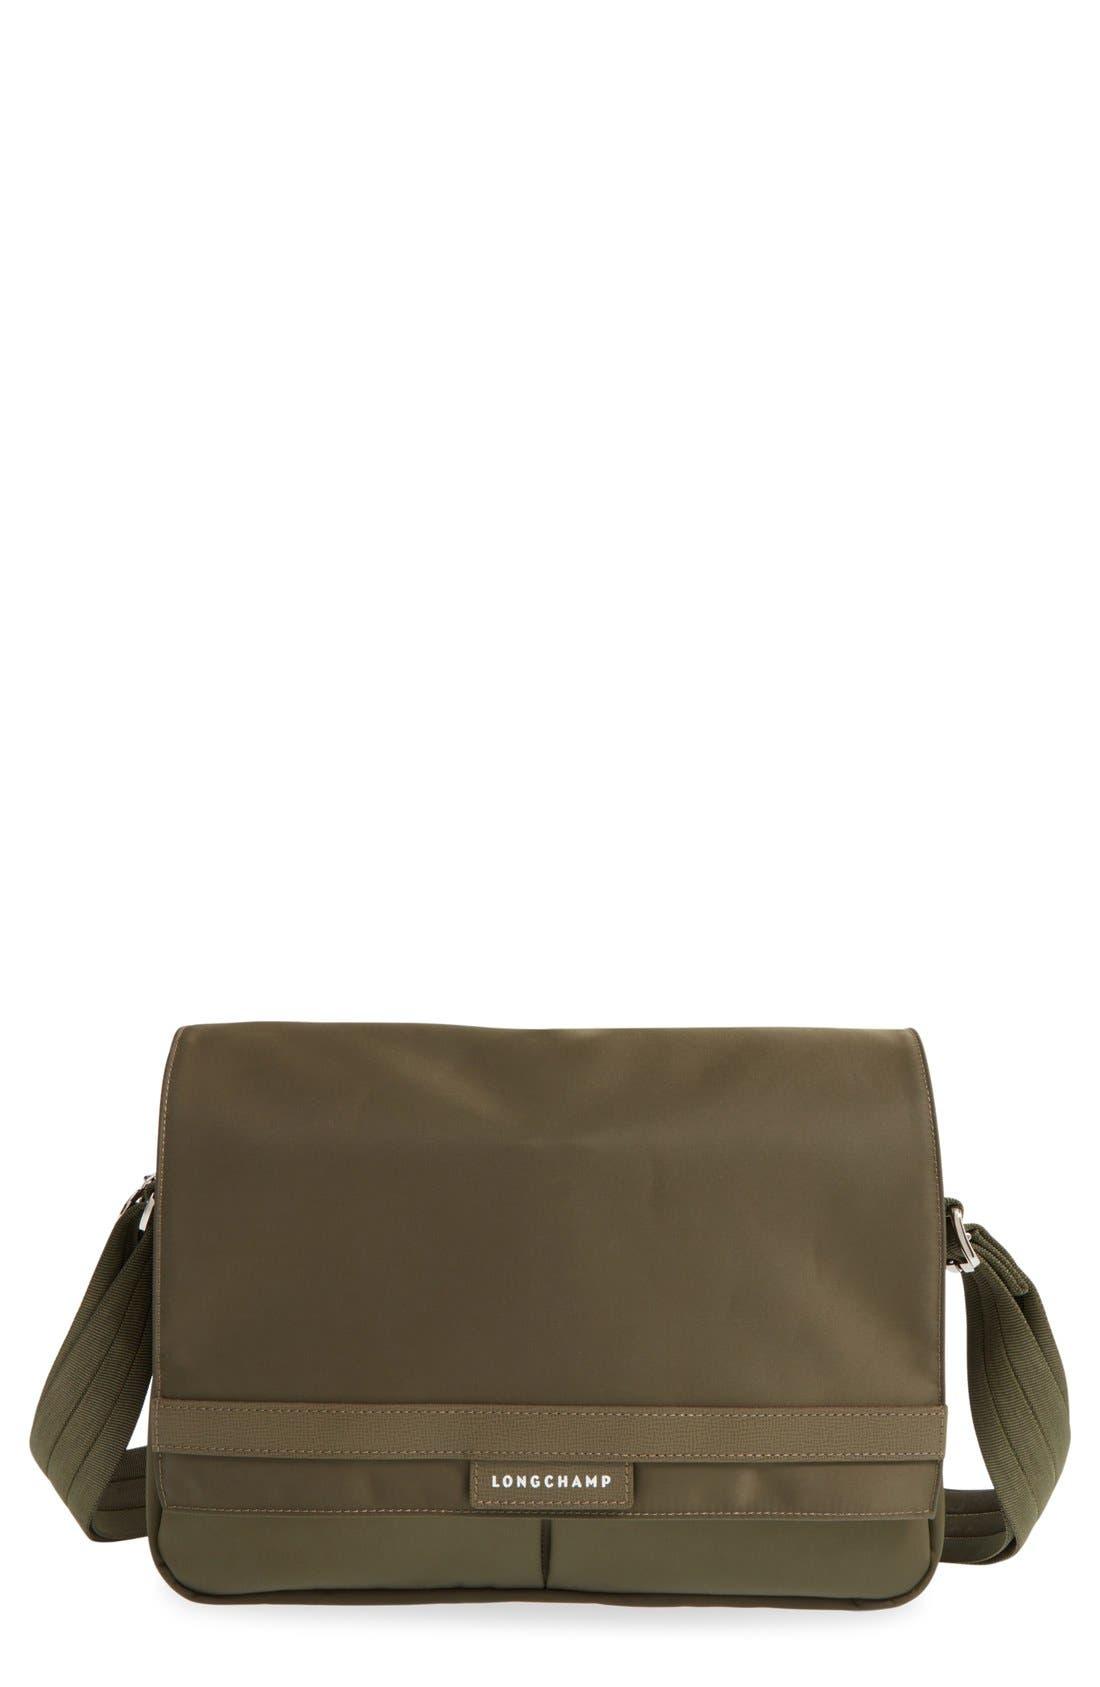 Main Image - Longchamp 'Le Pliage Neo' Messenger Bag